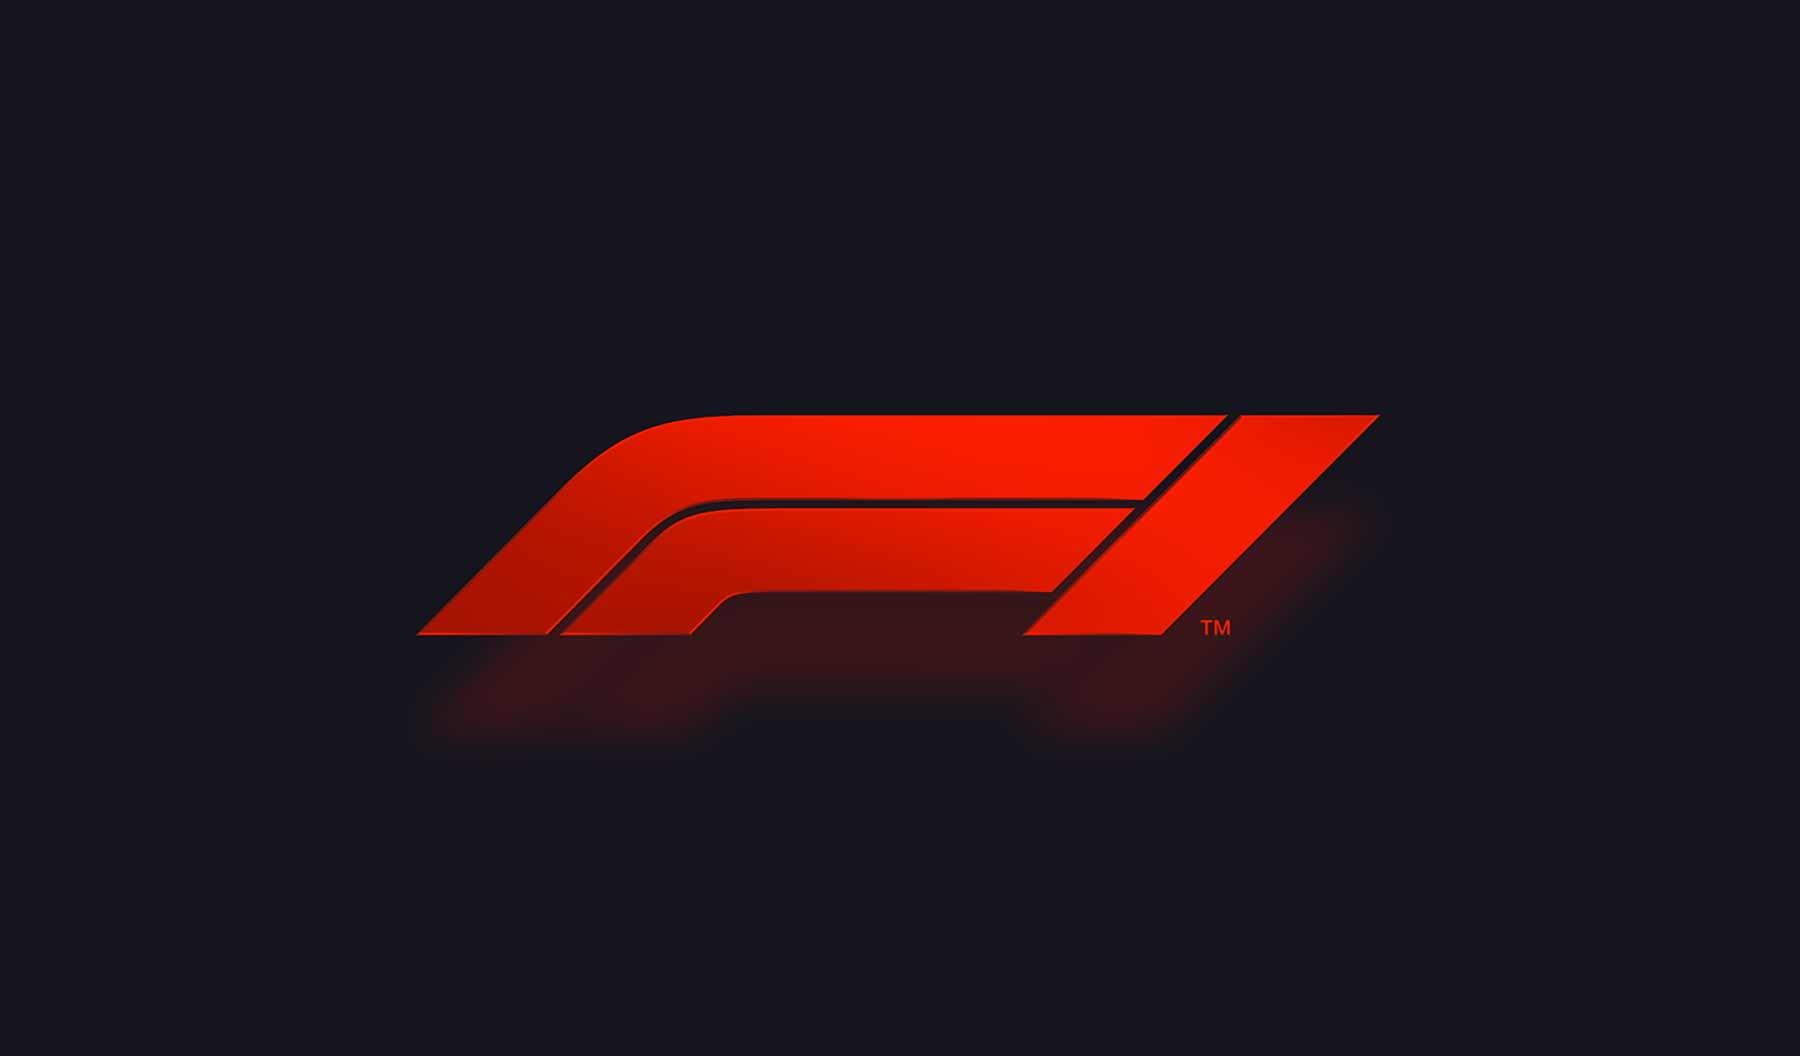 Das neue Formel 1-Logo spaltet die Gemüter Formel-1-Logo-2018_01